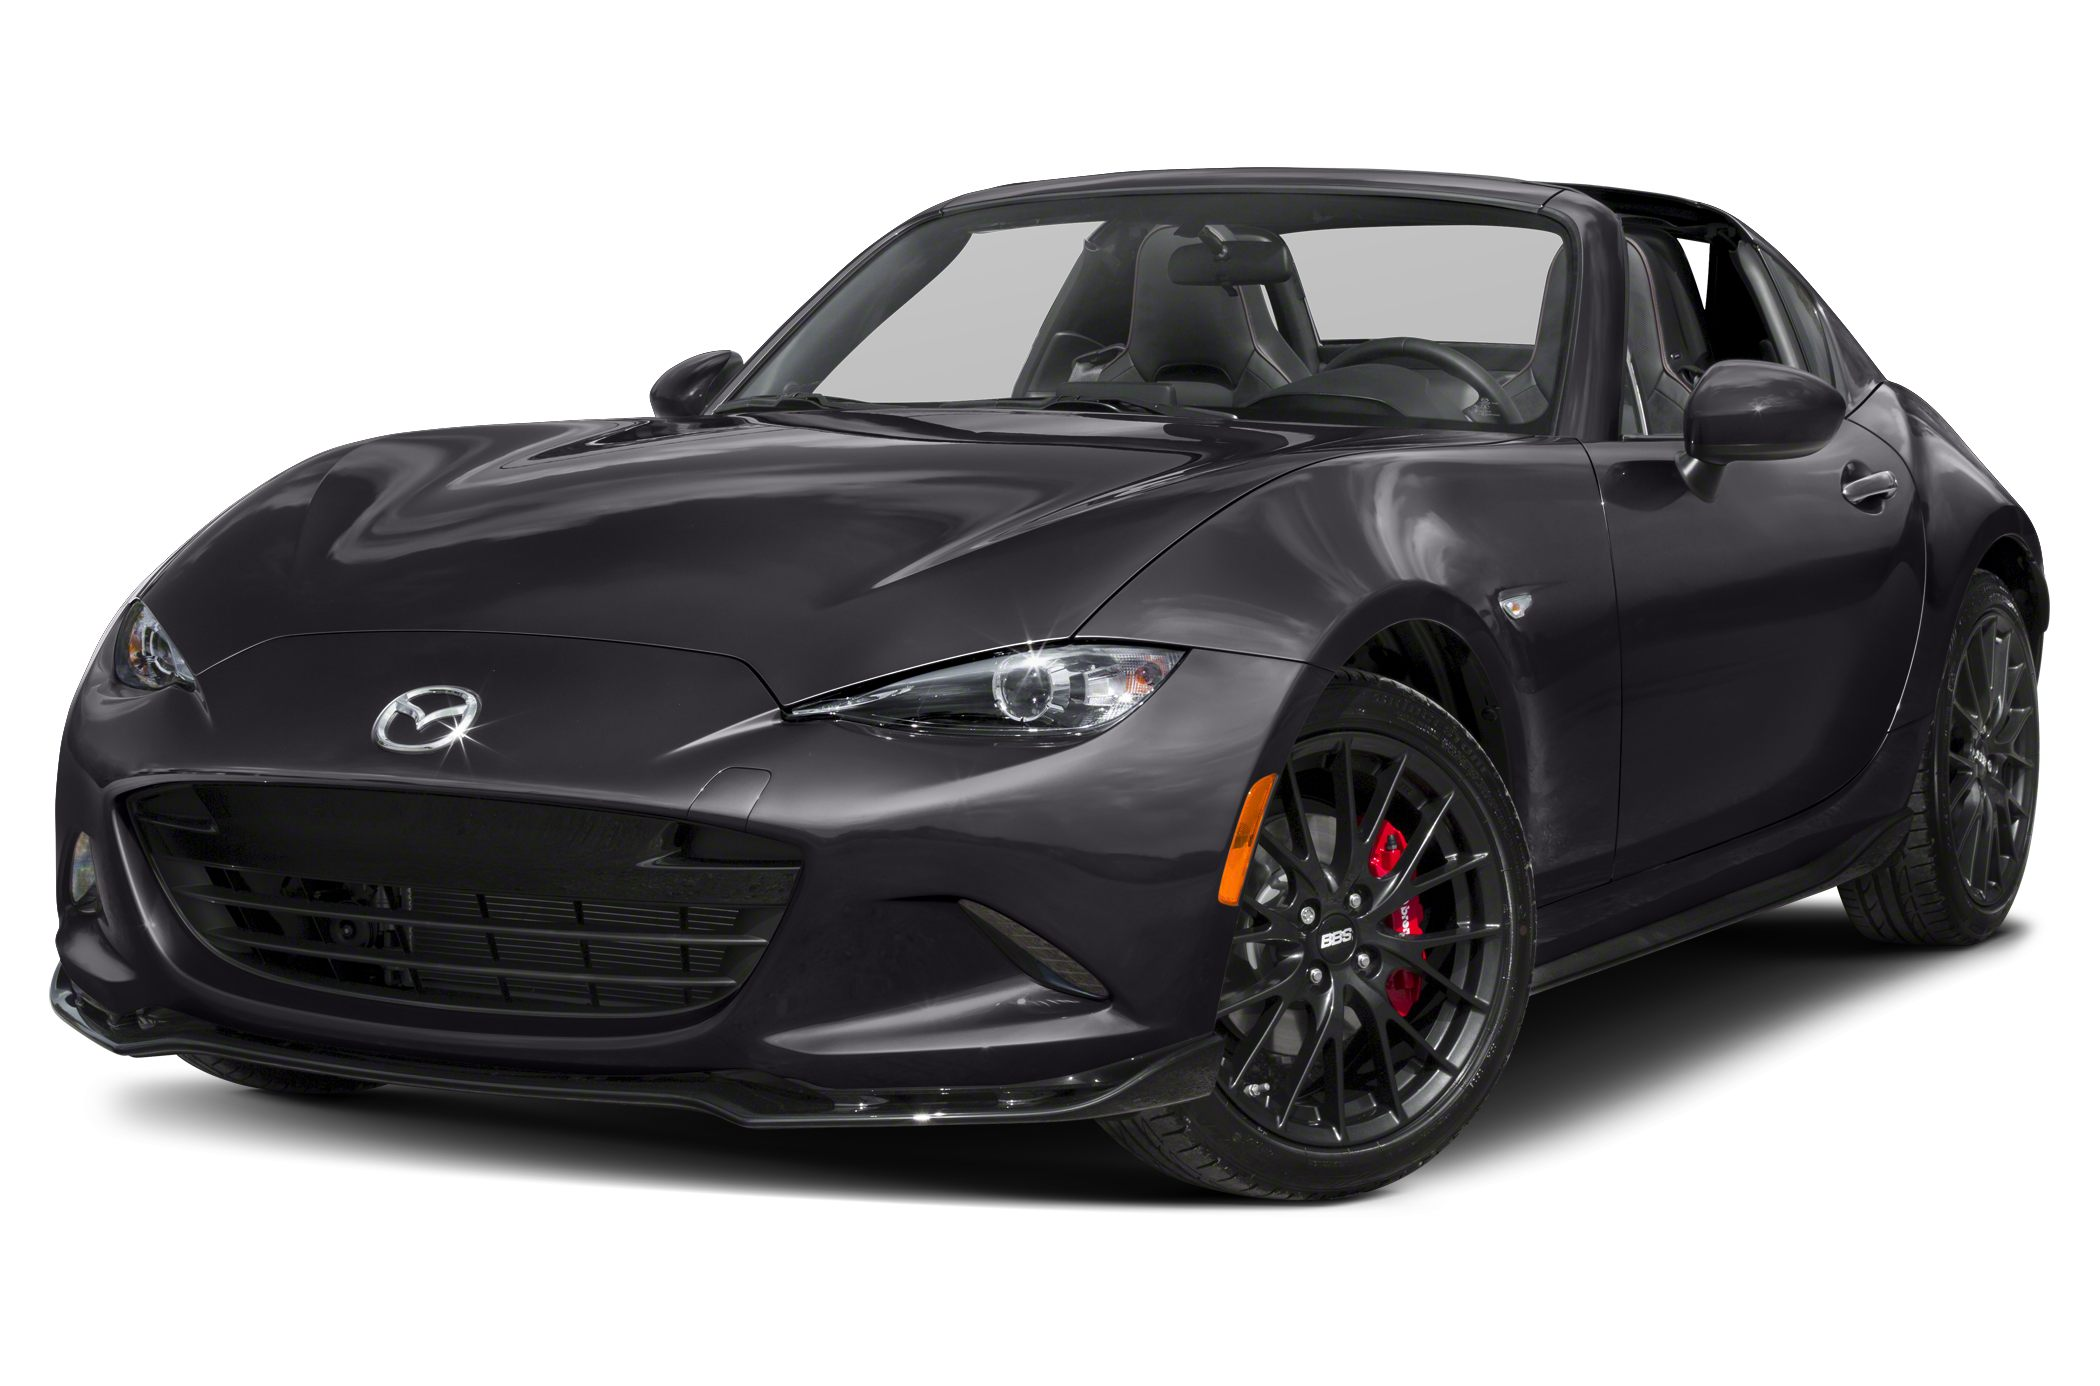 2020 Mazda Mx 5 Miata Pictures